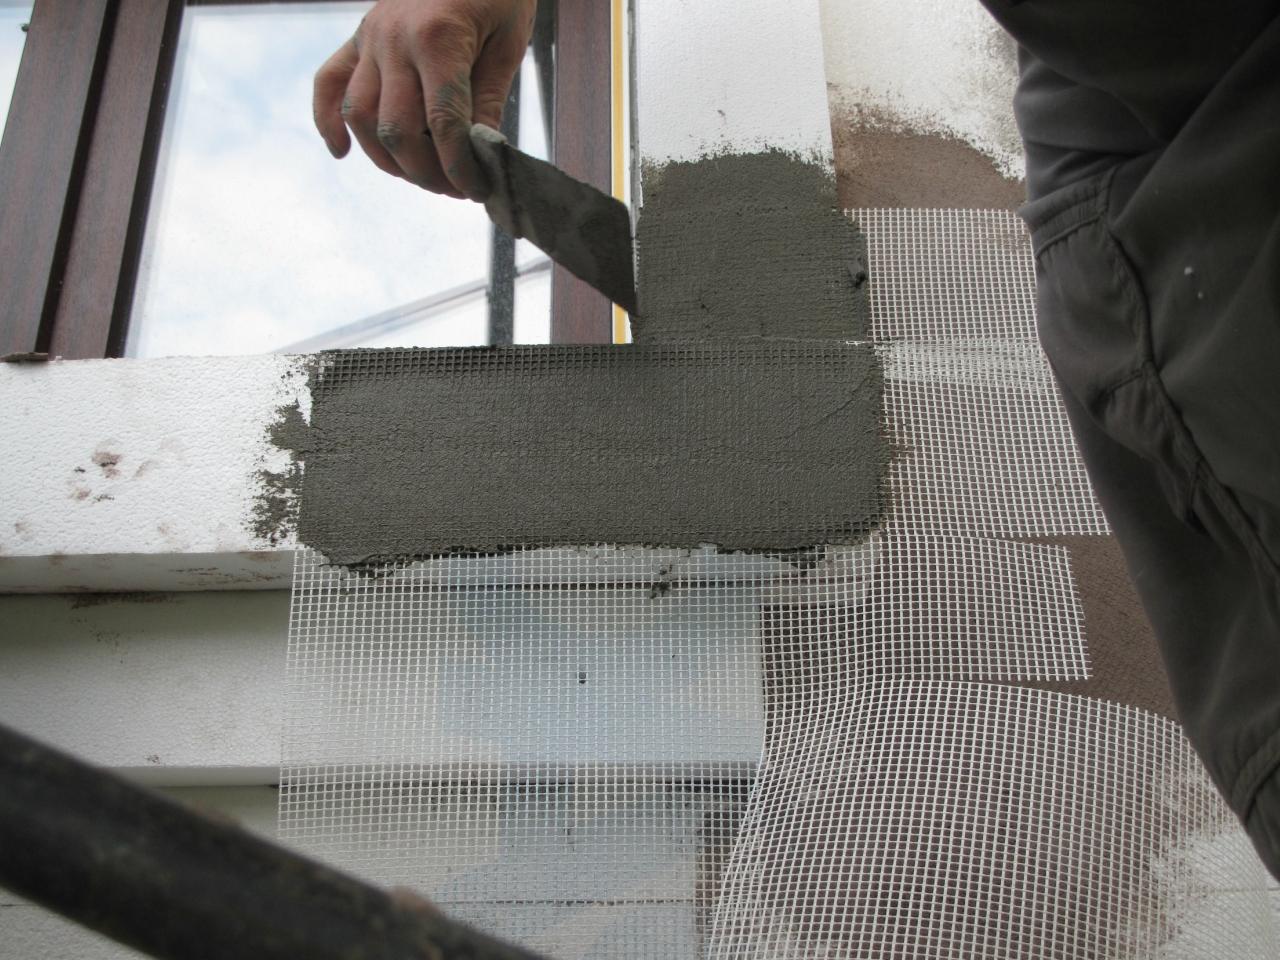 Штукатурка по пенопласту фасада. подготовка поверхности и заготовка инструментов и материалов. способы оштукатуривания